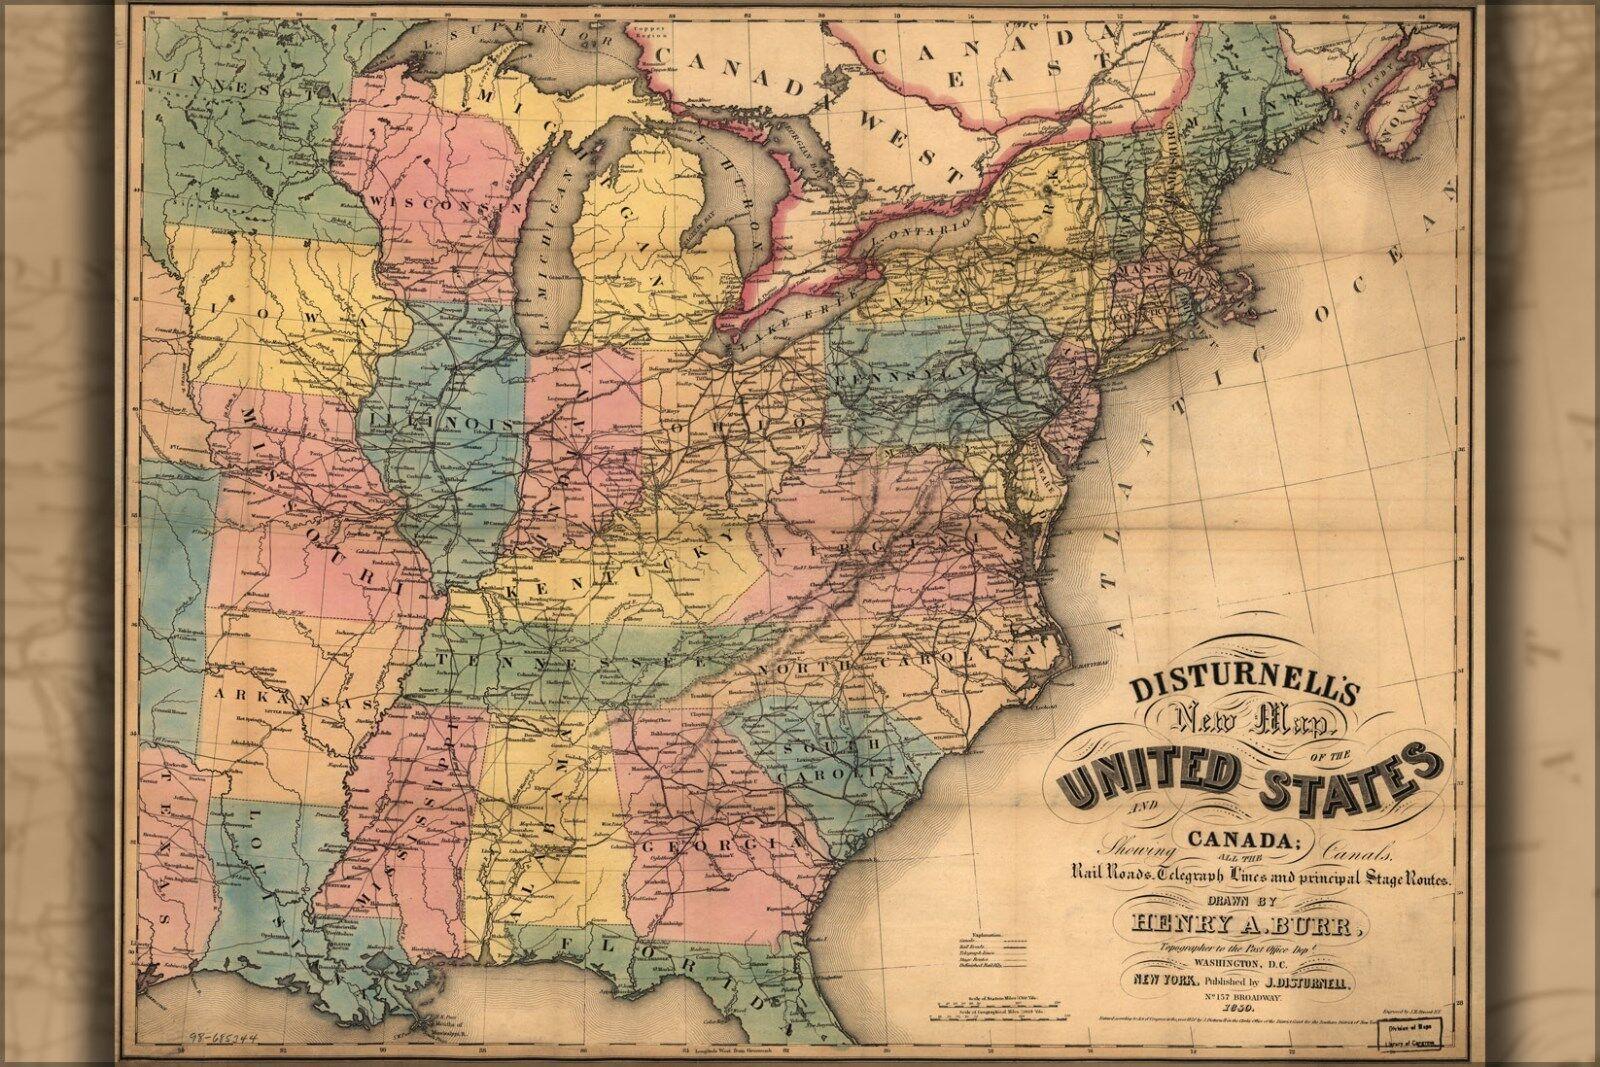 Plakat, Viele Größen; Karte von Vereinigte Staaten und Kanada 1850